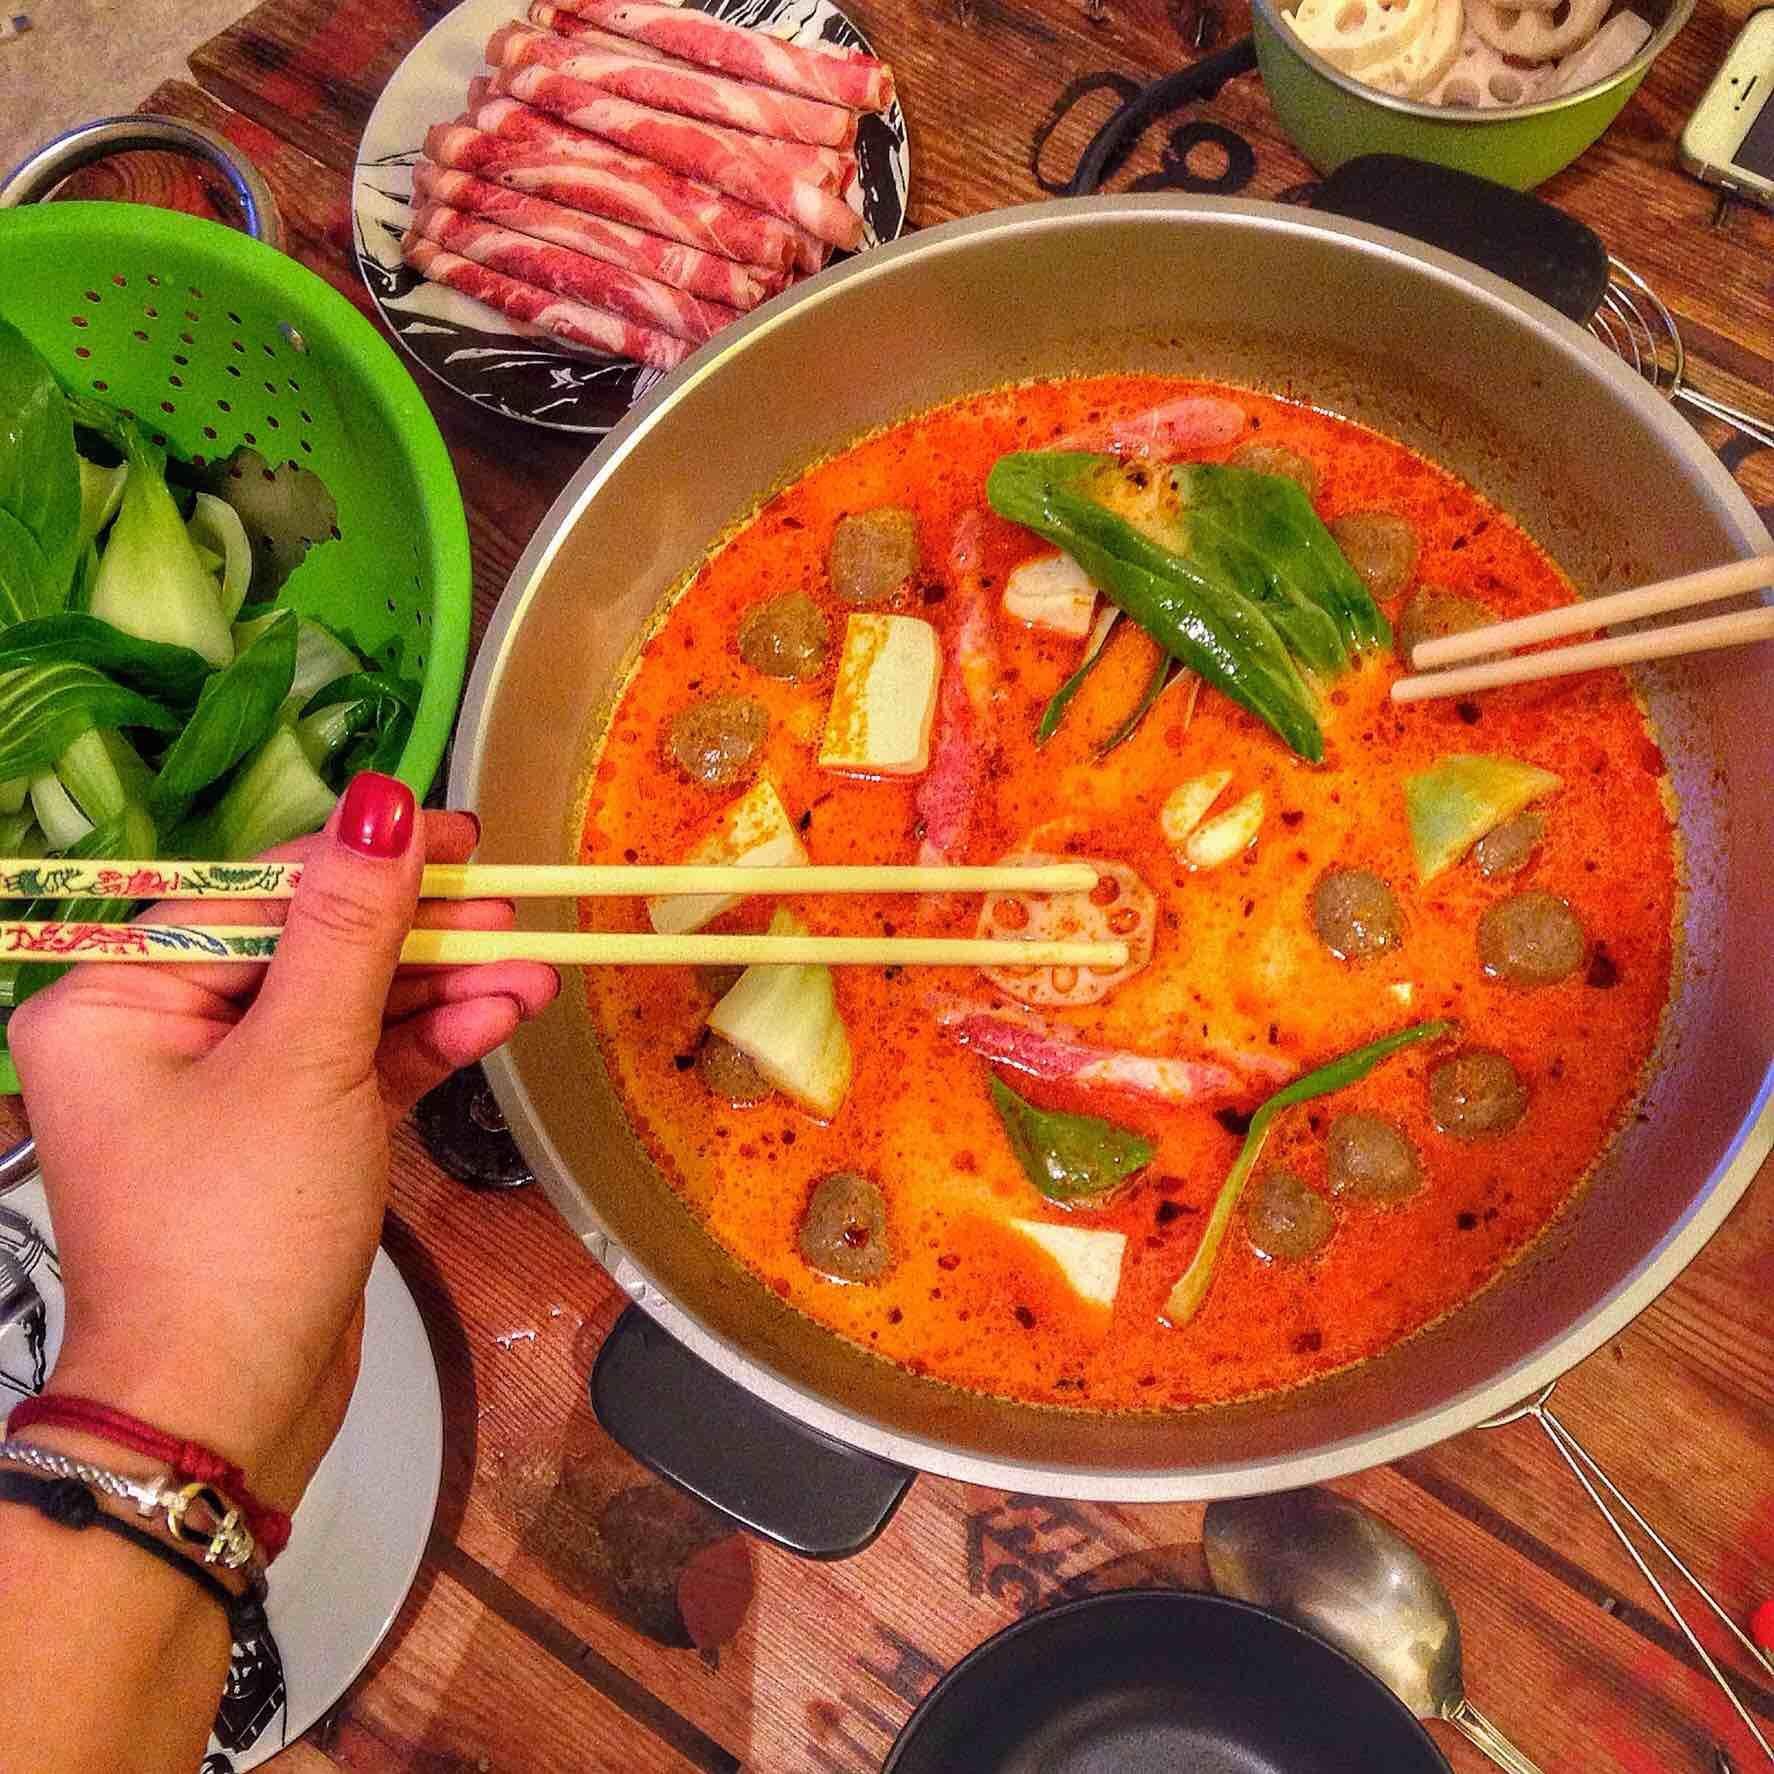 Pingl sur recette - Cuisine thailandaise traditionnelle ...